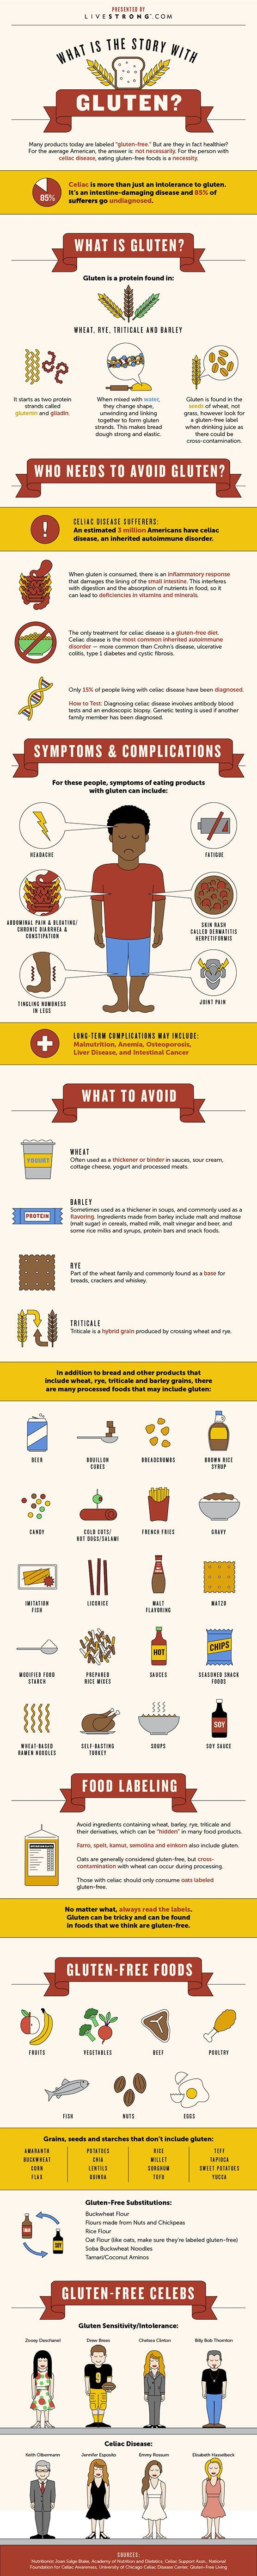 Tudo sobre o glúten! Saiba mais no nosso blog: https://www.emporioecco.com.br/blog/dieta-sem-gluten/